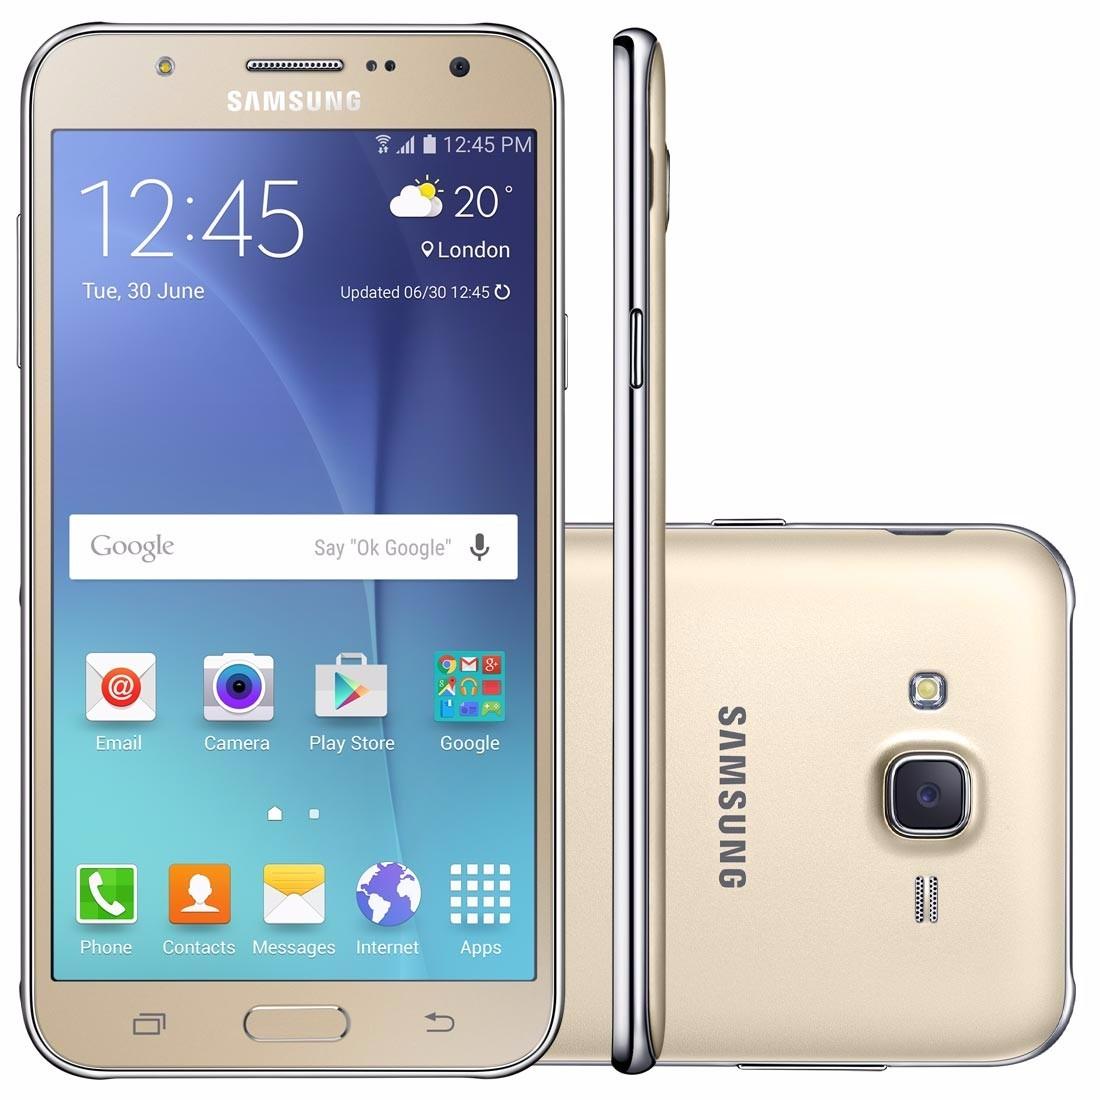 Come scaricare Samsung Galaxy J5 SM-J500M. Guida tutorial molto semplice 2